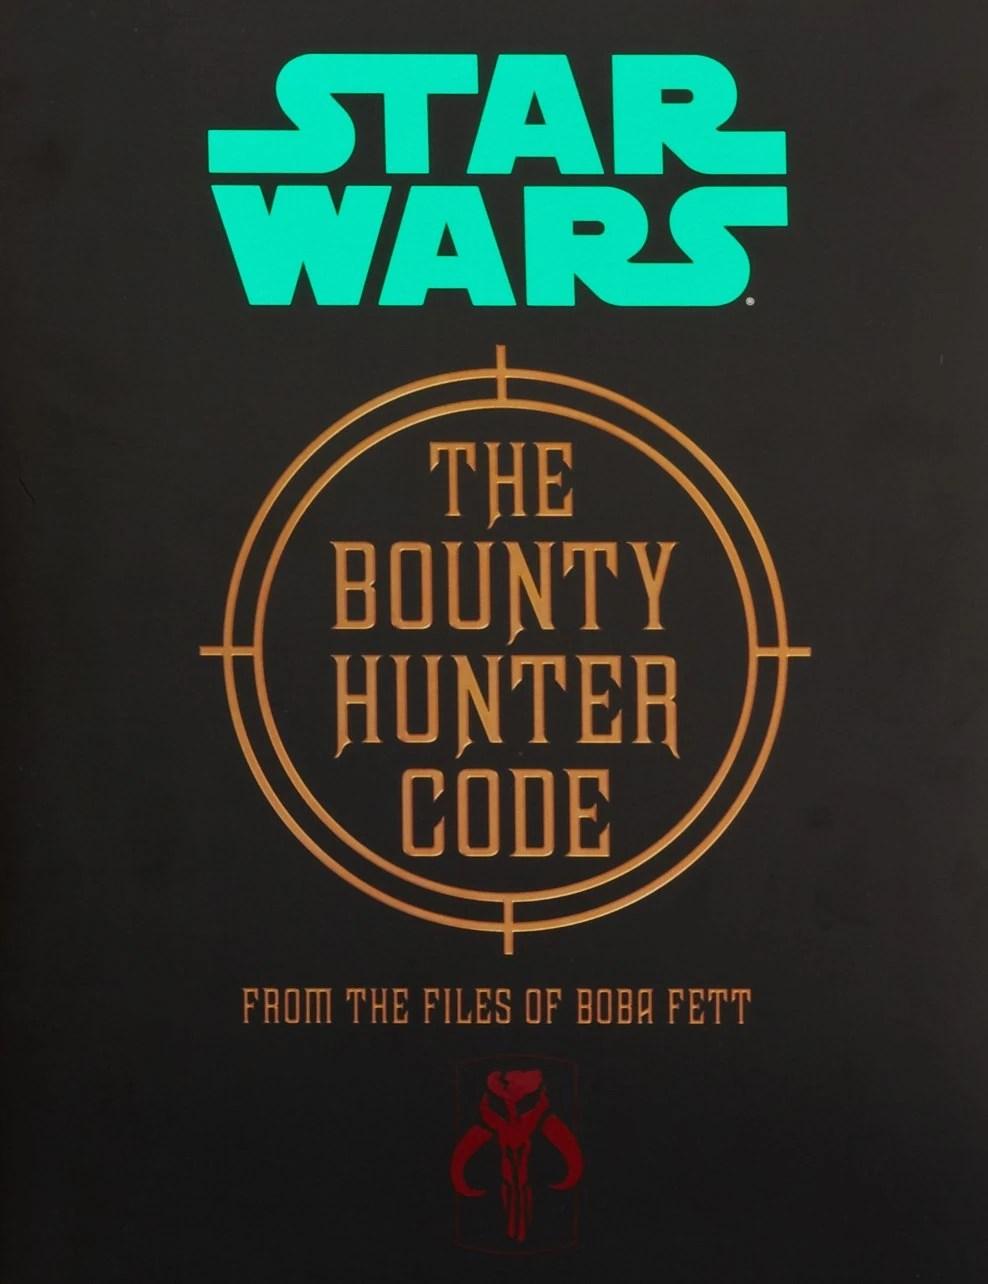 https://i2.wp.com/img2.wikia.nocookie.net/__cb20131019133037/starwars/images/1/13/BountyHunterCode.jpg